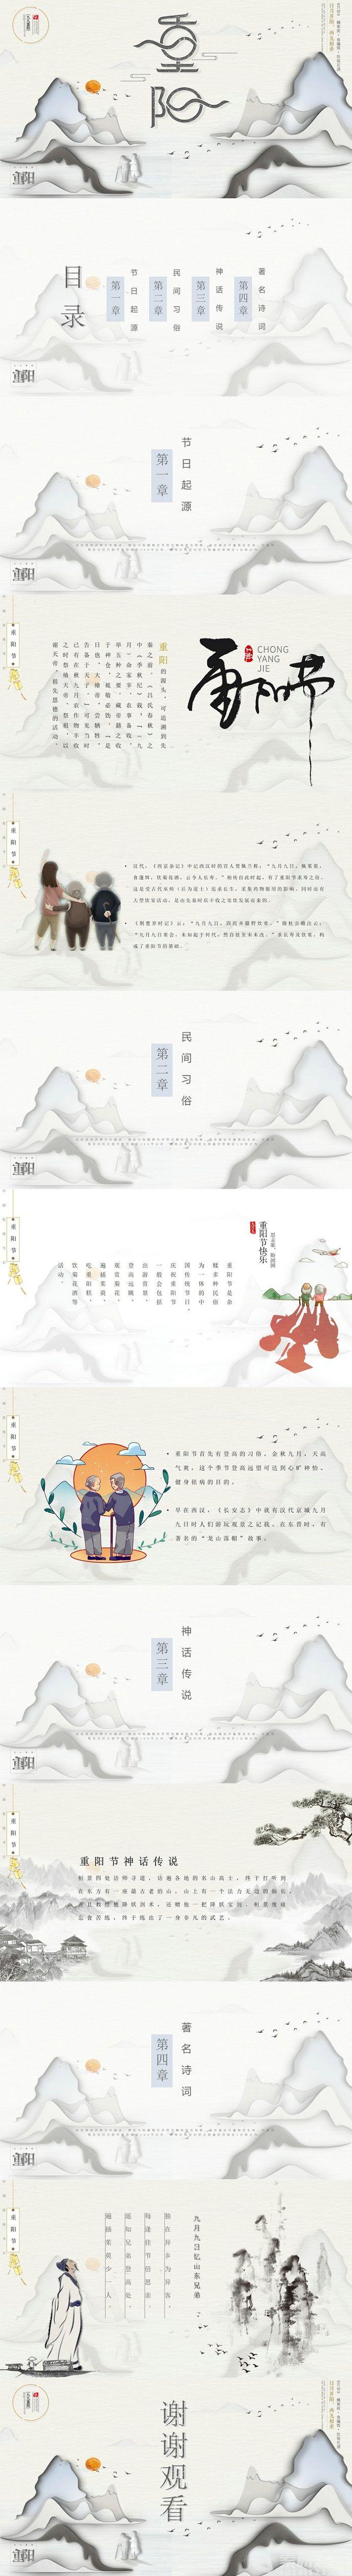 創意中國風重陽節PPT模板